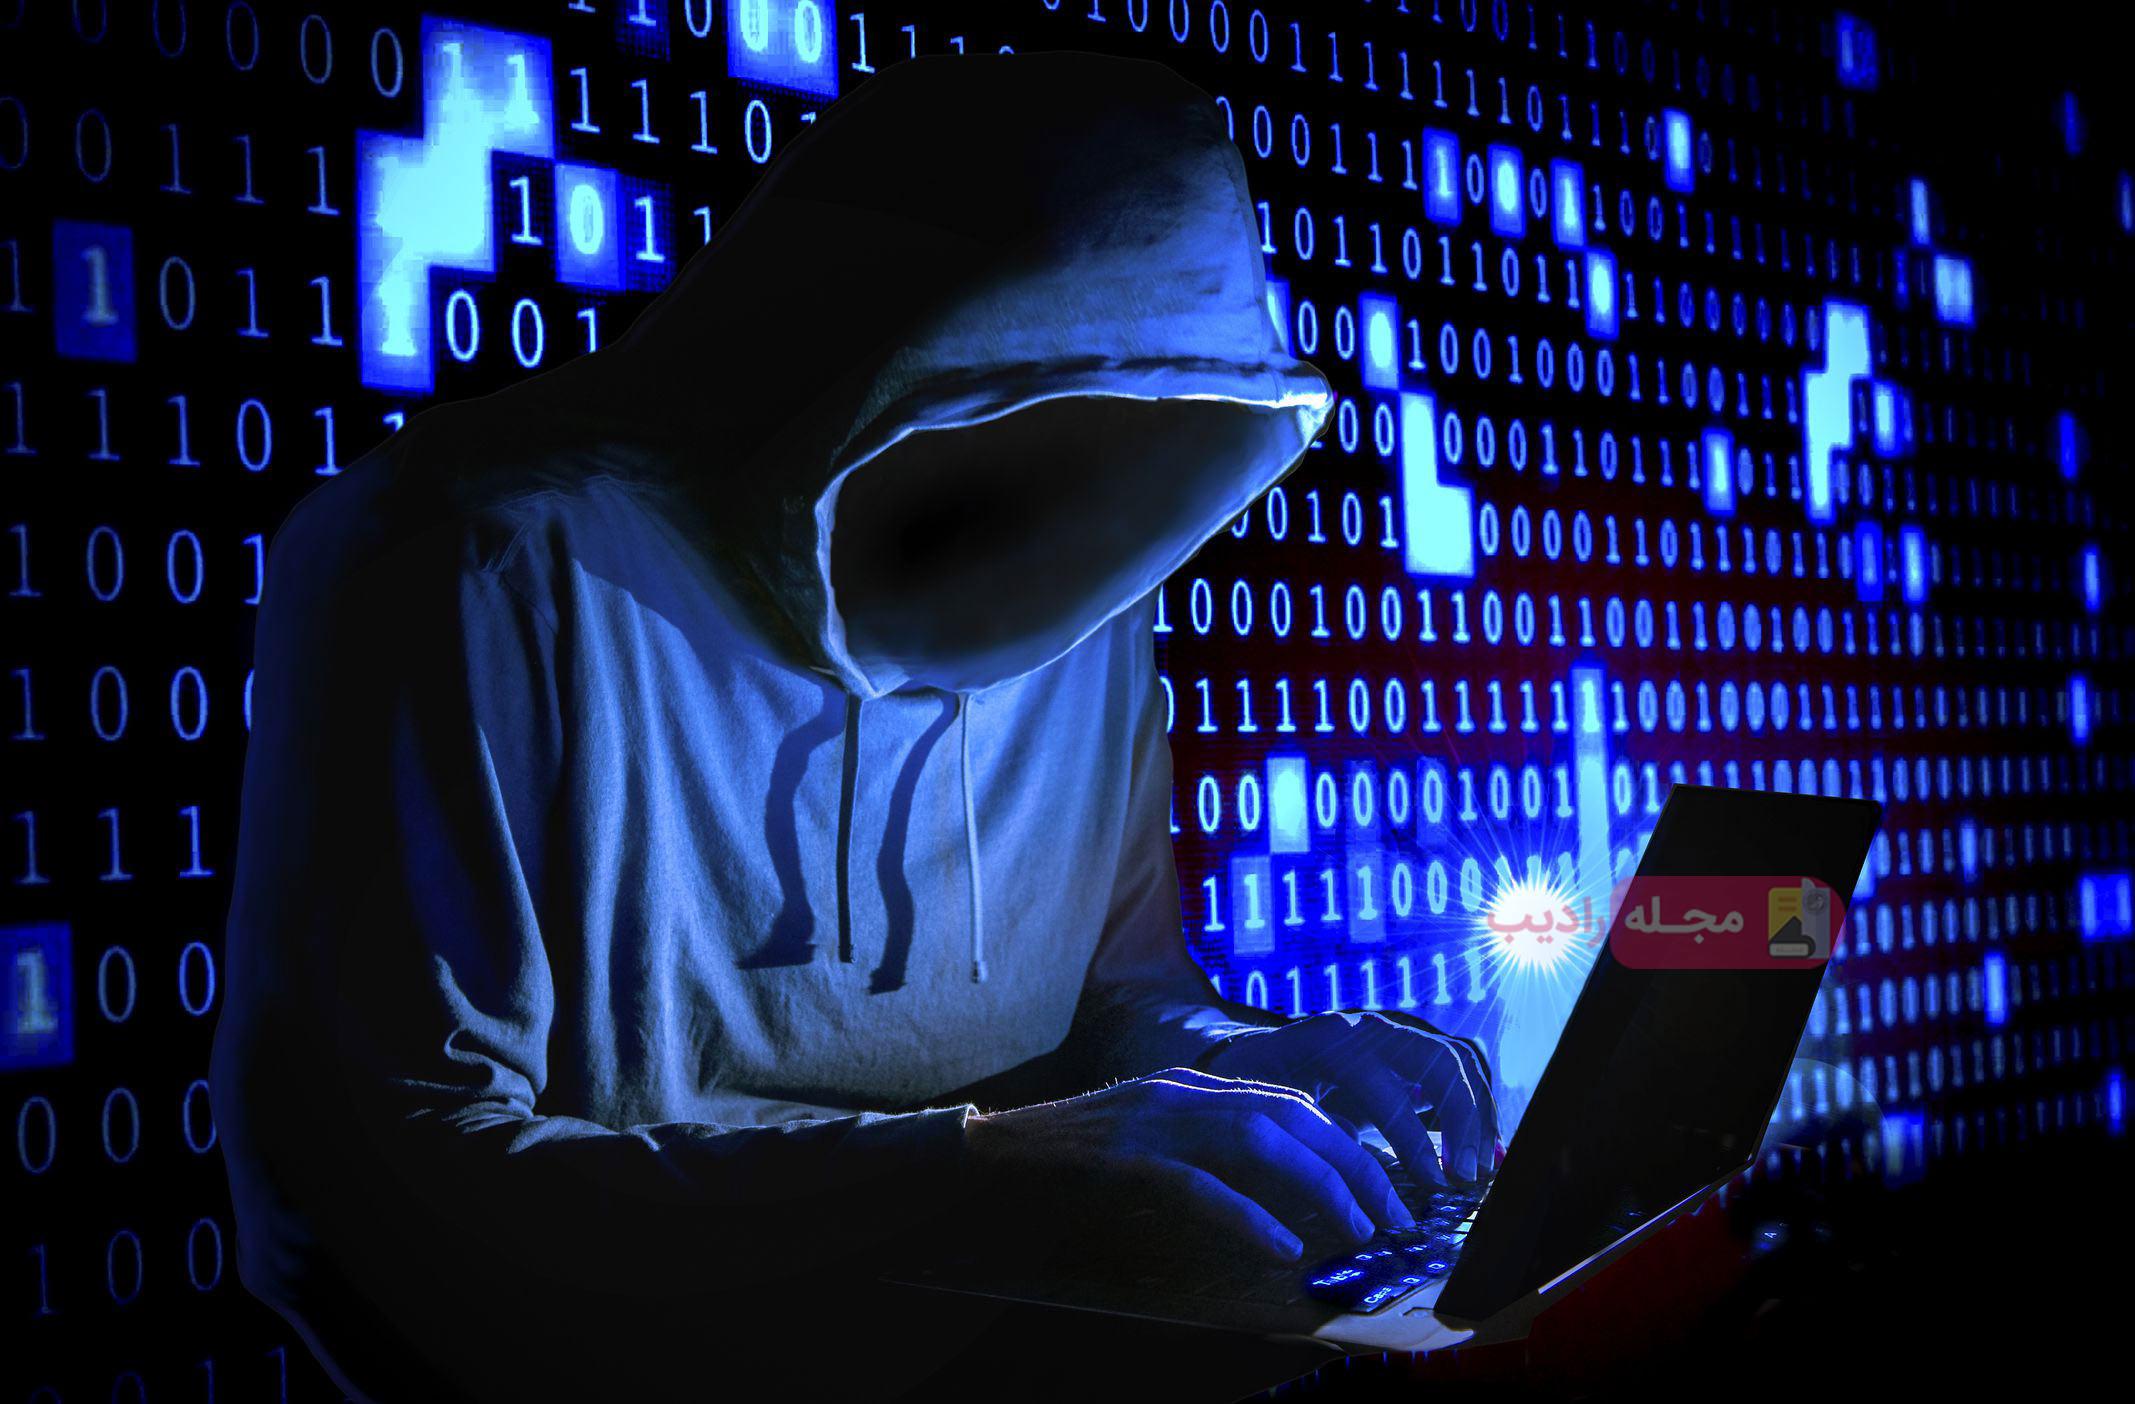 Spyware یا جاسوس افزار چیست؟